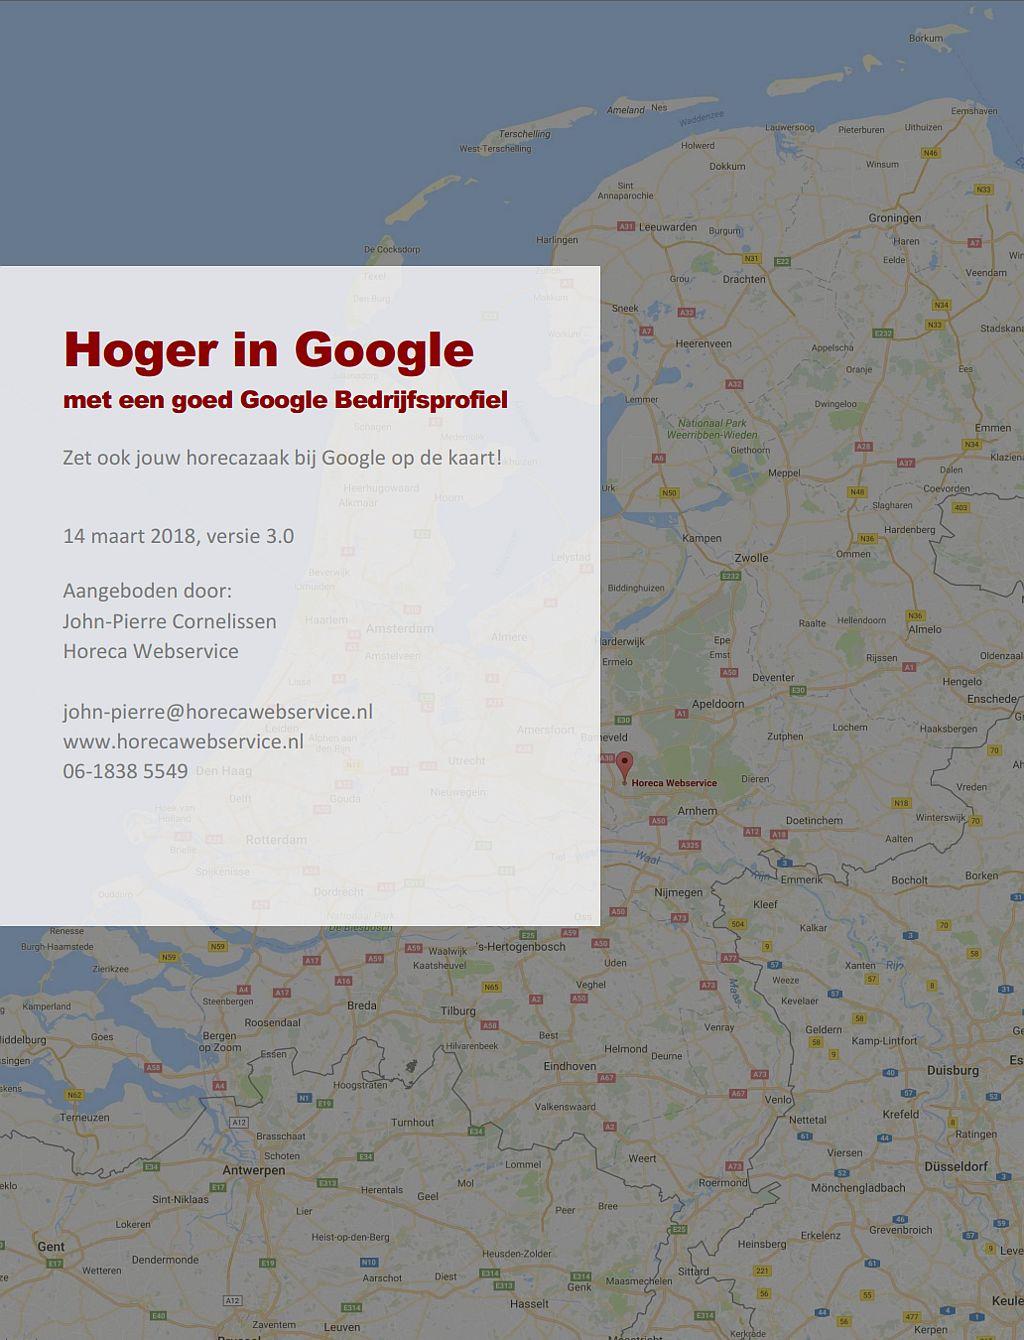 Hoger in Google met een goed Google Bedrijfsprofiel ebook cover